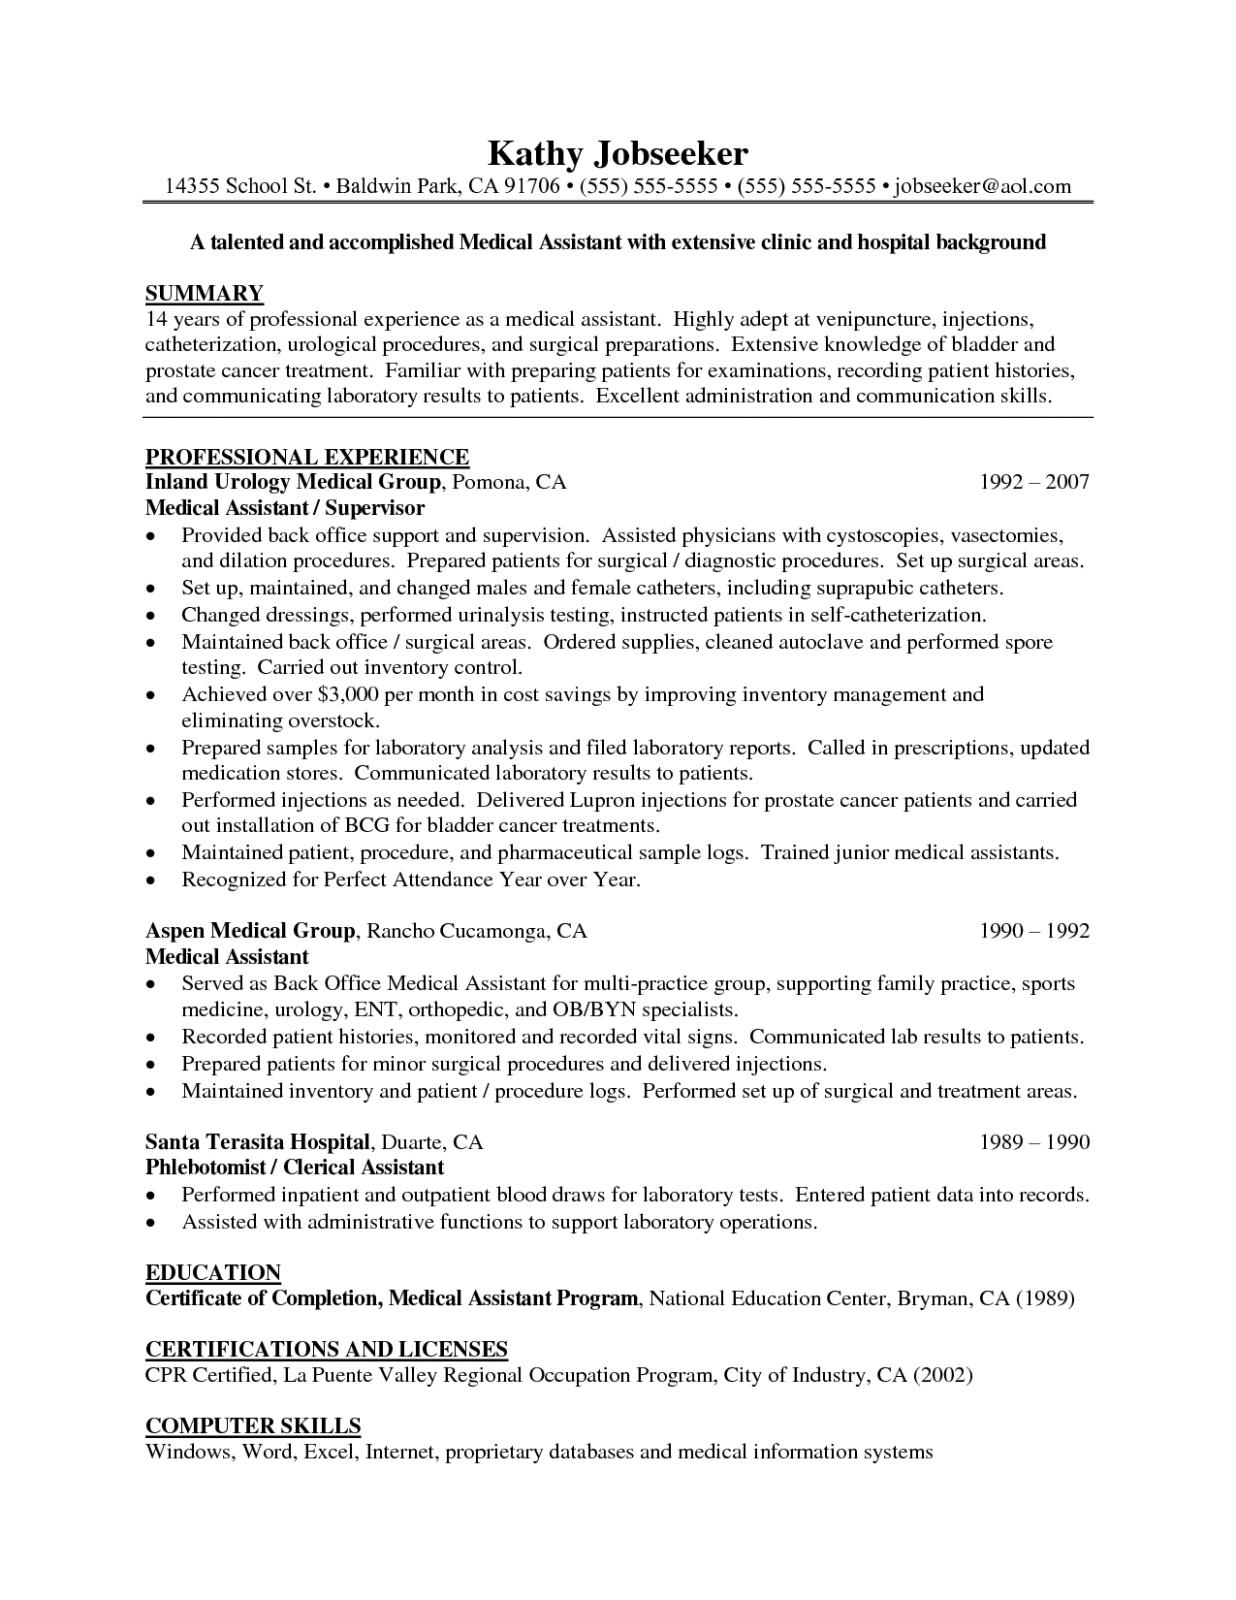 12 Medical Assistant Resume Samples Medical Assistant Resume Medical Resume Medical Assistant Job Description